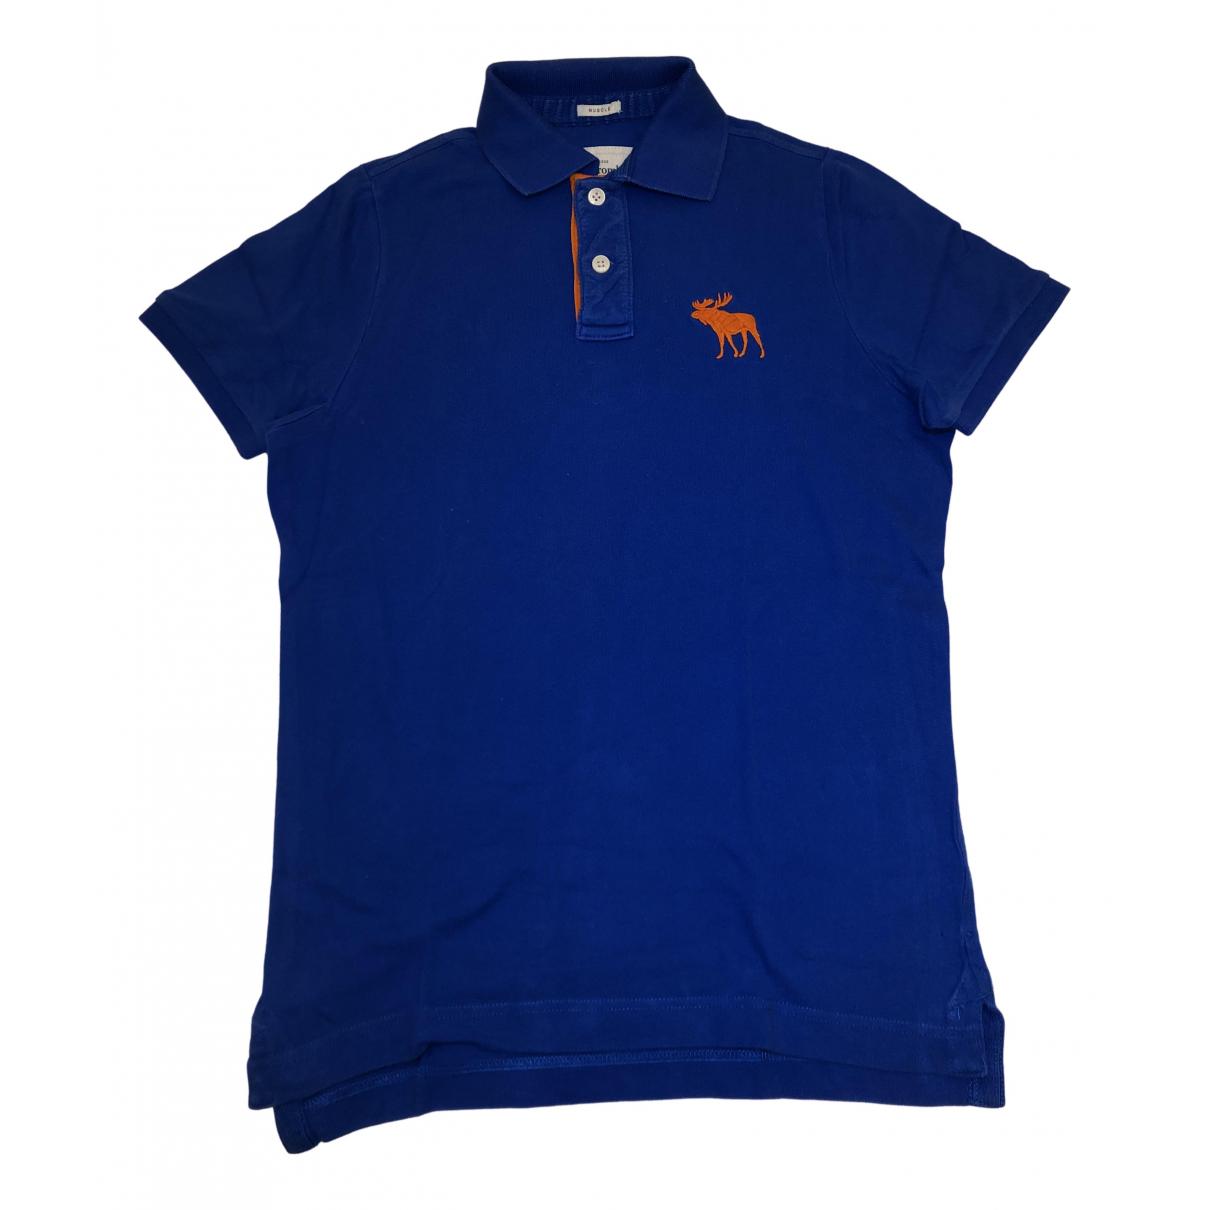 Abercrombie & Fitch - Polos   pour homme en coton - bleu